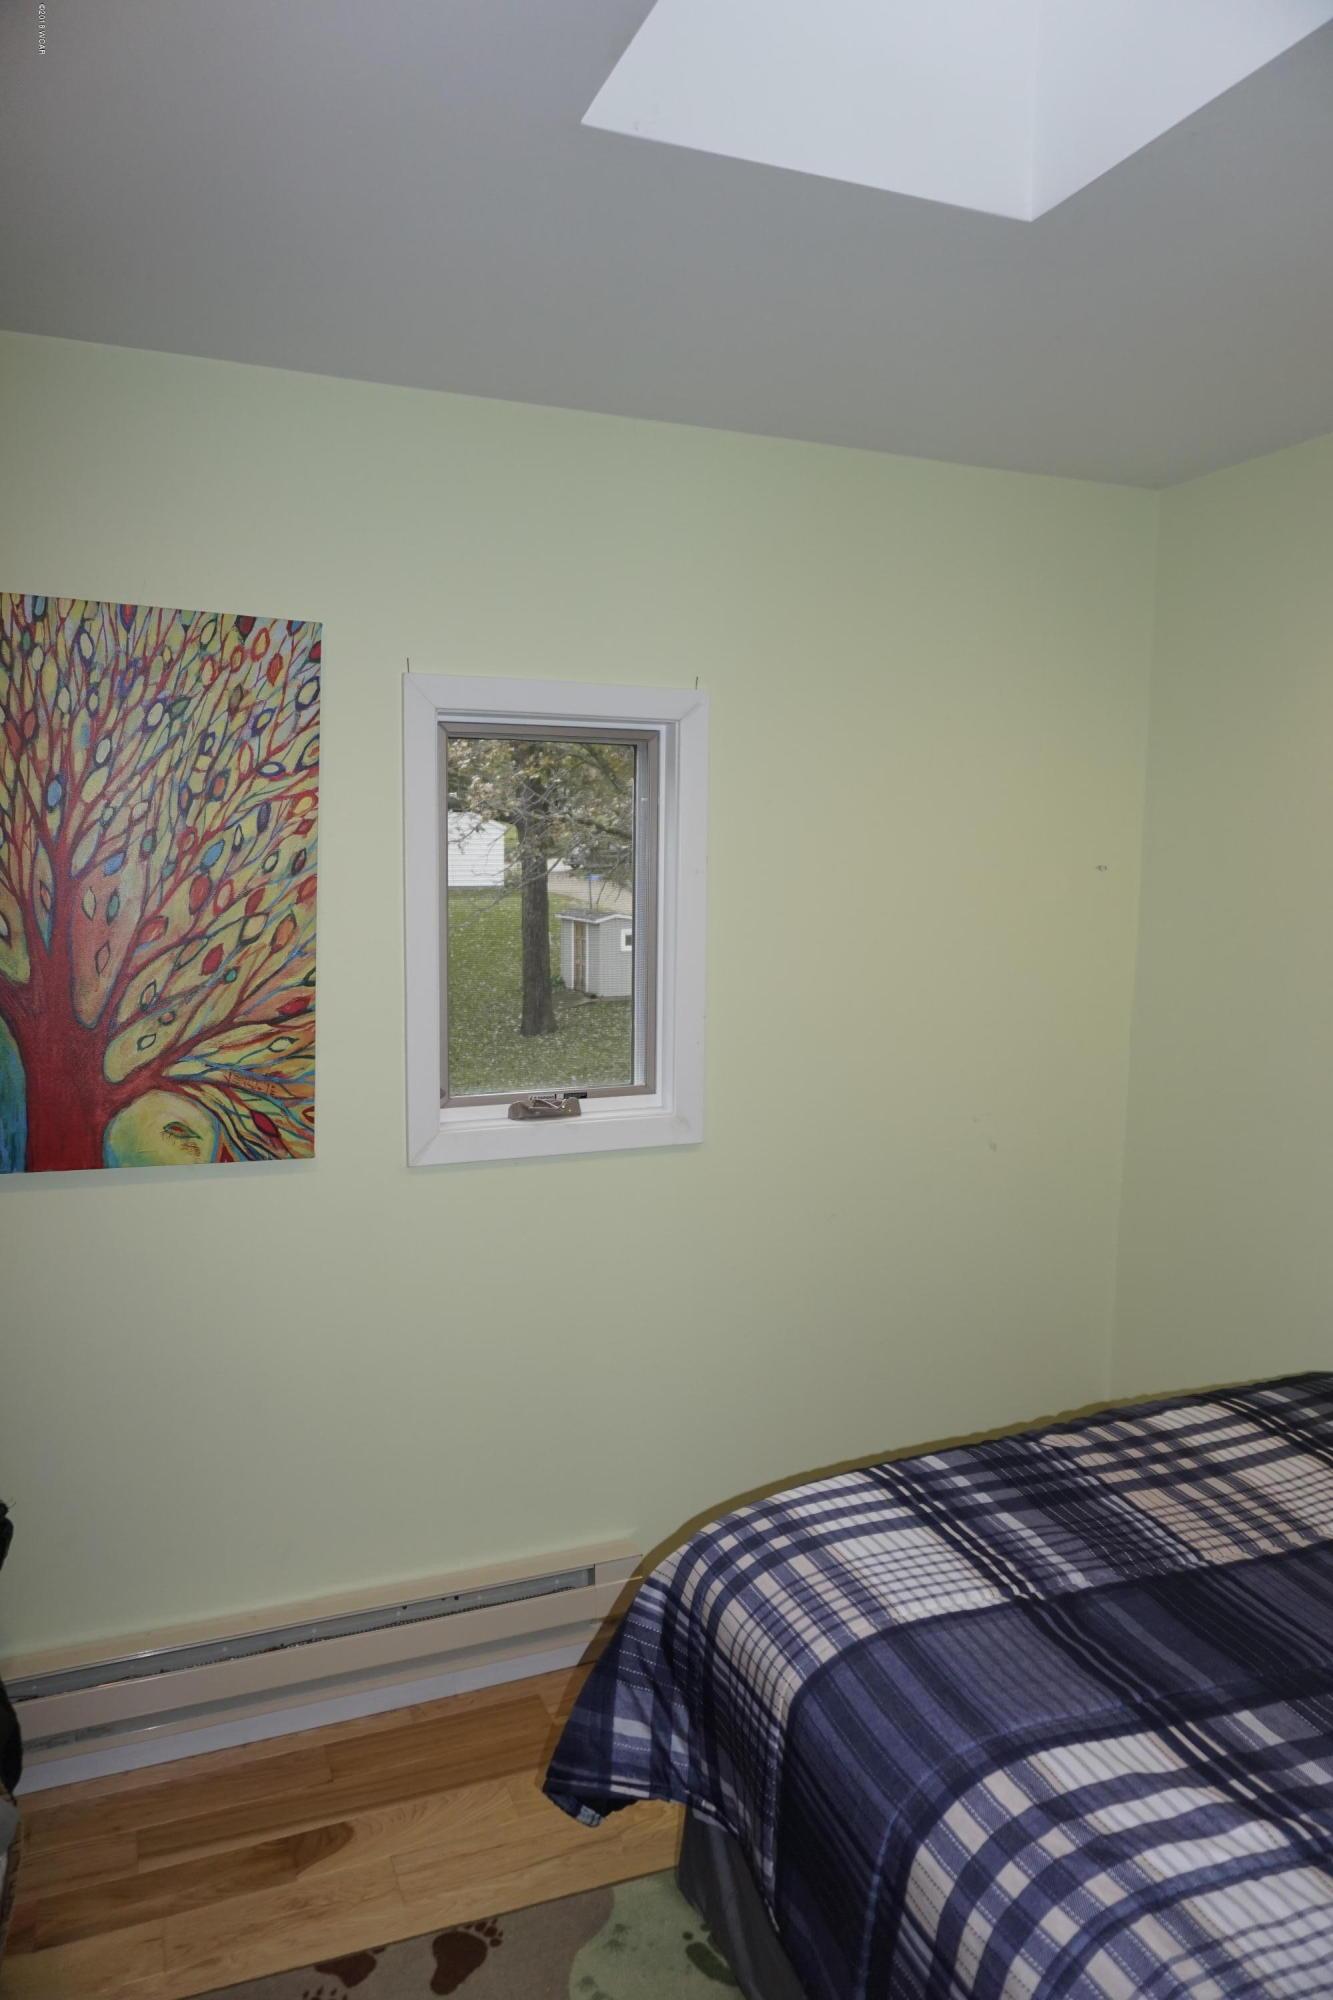 20805 Edgewater Road,Richmond,2 Bedrooms Bedrooms,1 BathroomBathrooms,Single Family,Edgewater Road,6032606